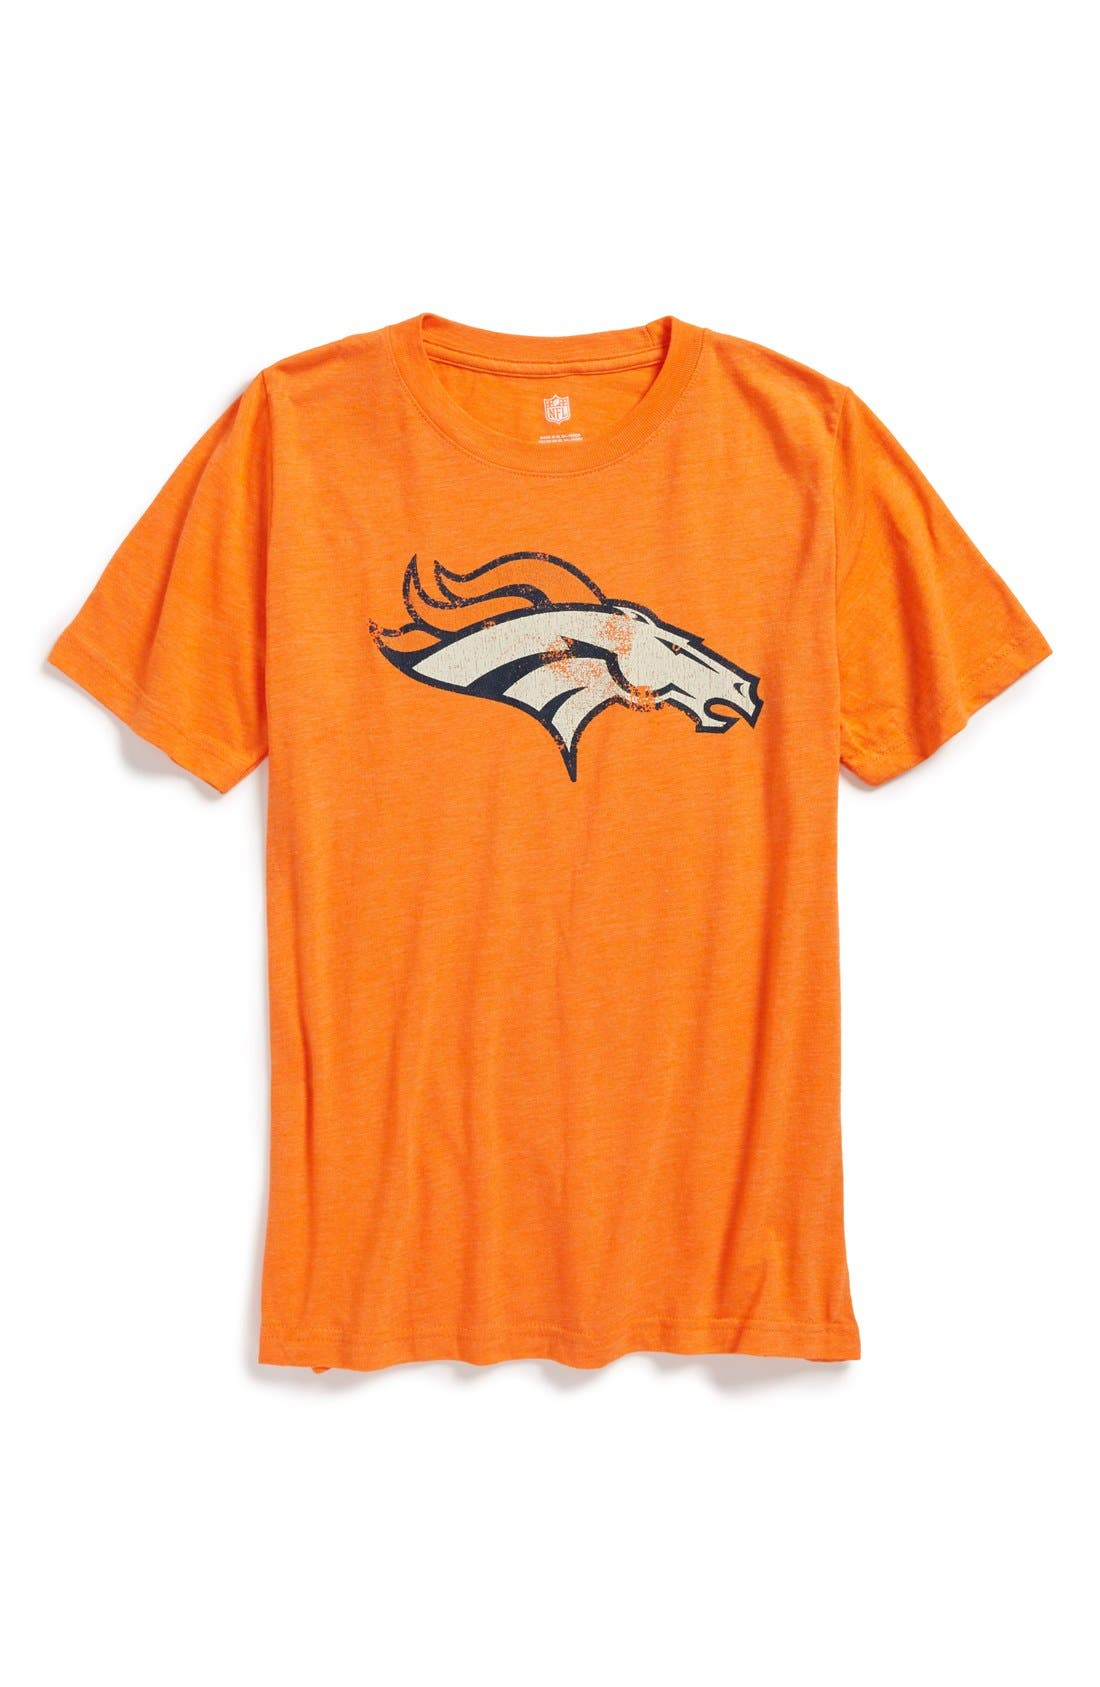 Alternate Image 1 Selected - Outerstuff 'NFL - Denver Broncos' Graphic T-Shirt (Big Boys)